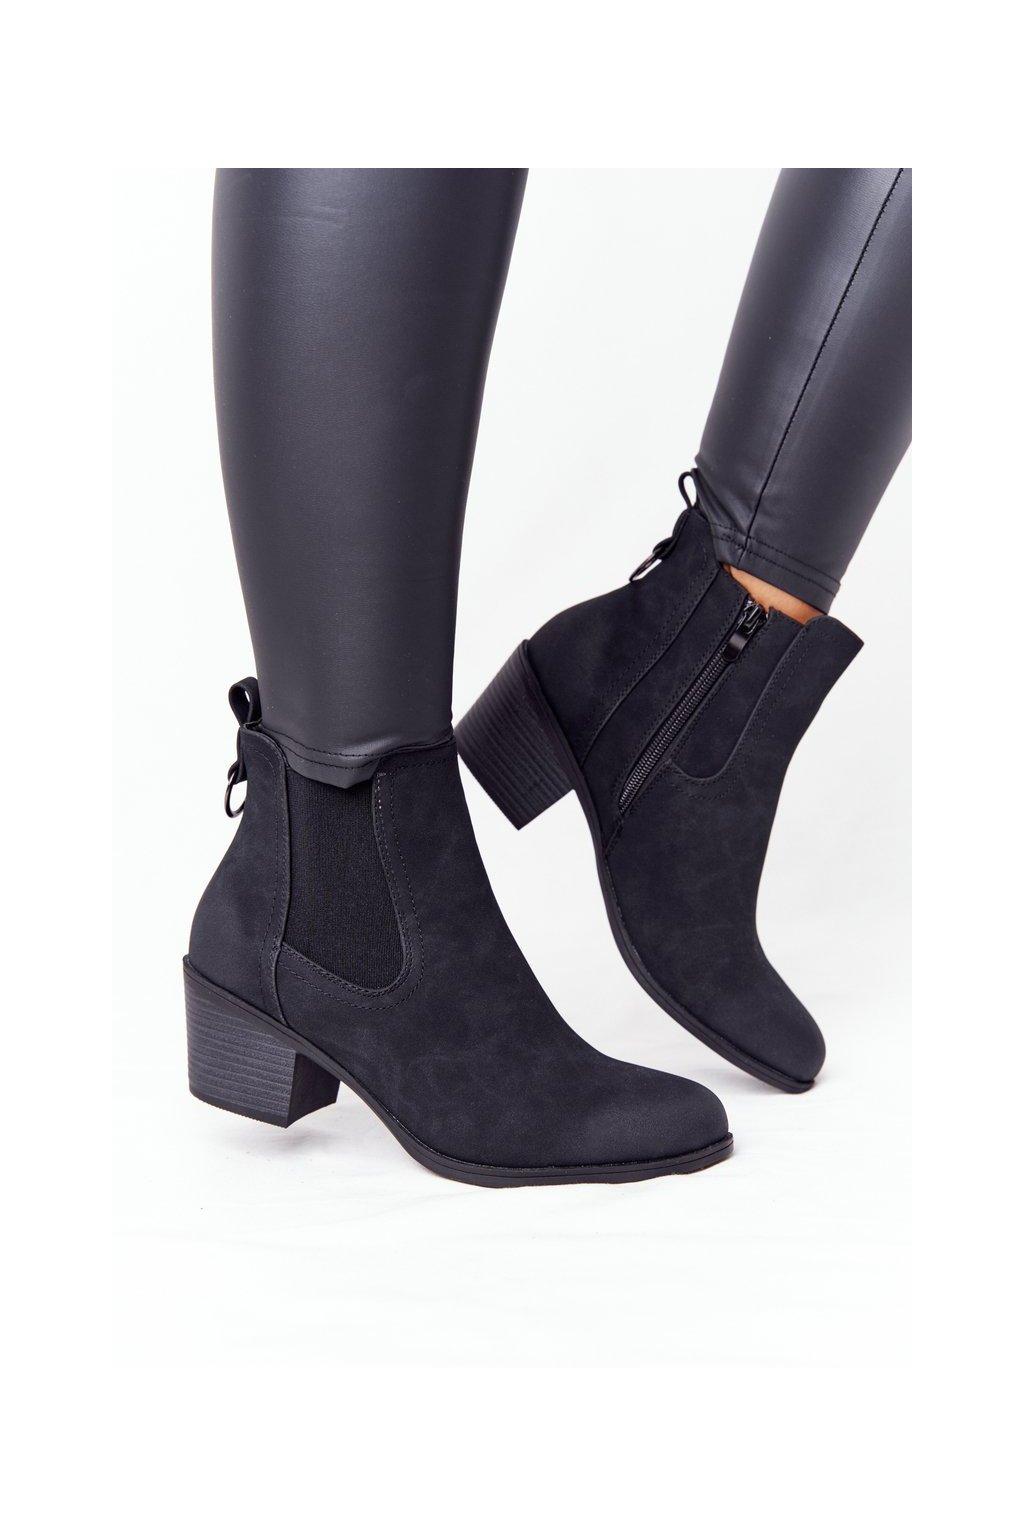 Členkové topánky na podpätku farba čierna NJSK 20Y8014-1 BLACK